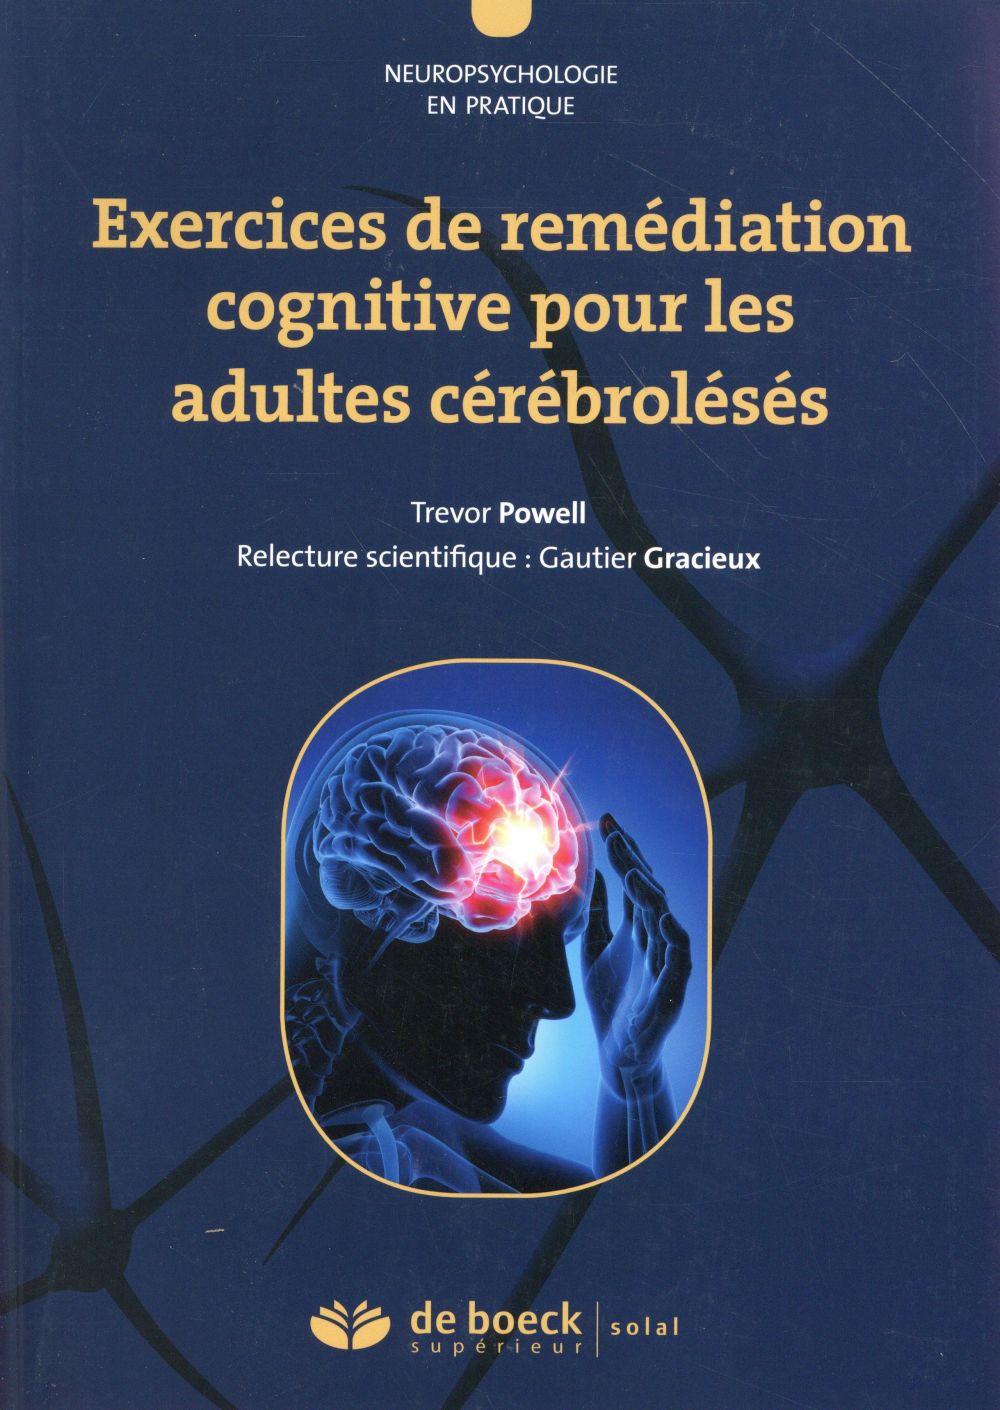 Exercices de remédiation cognitive ; pour les patients cérébrolésés